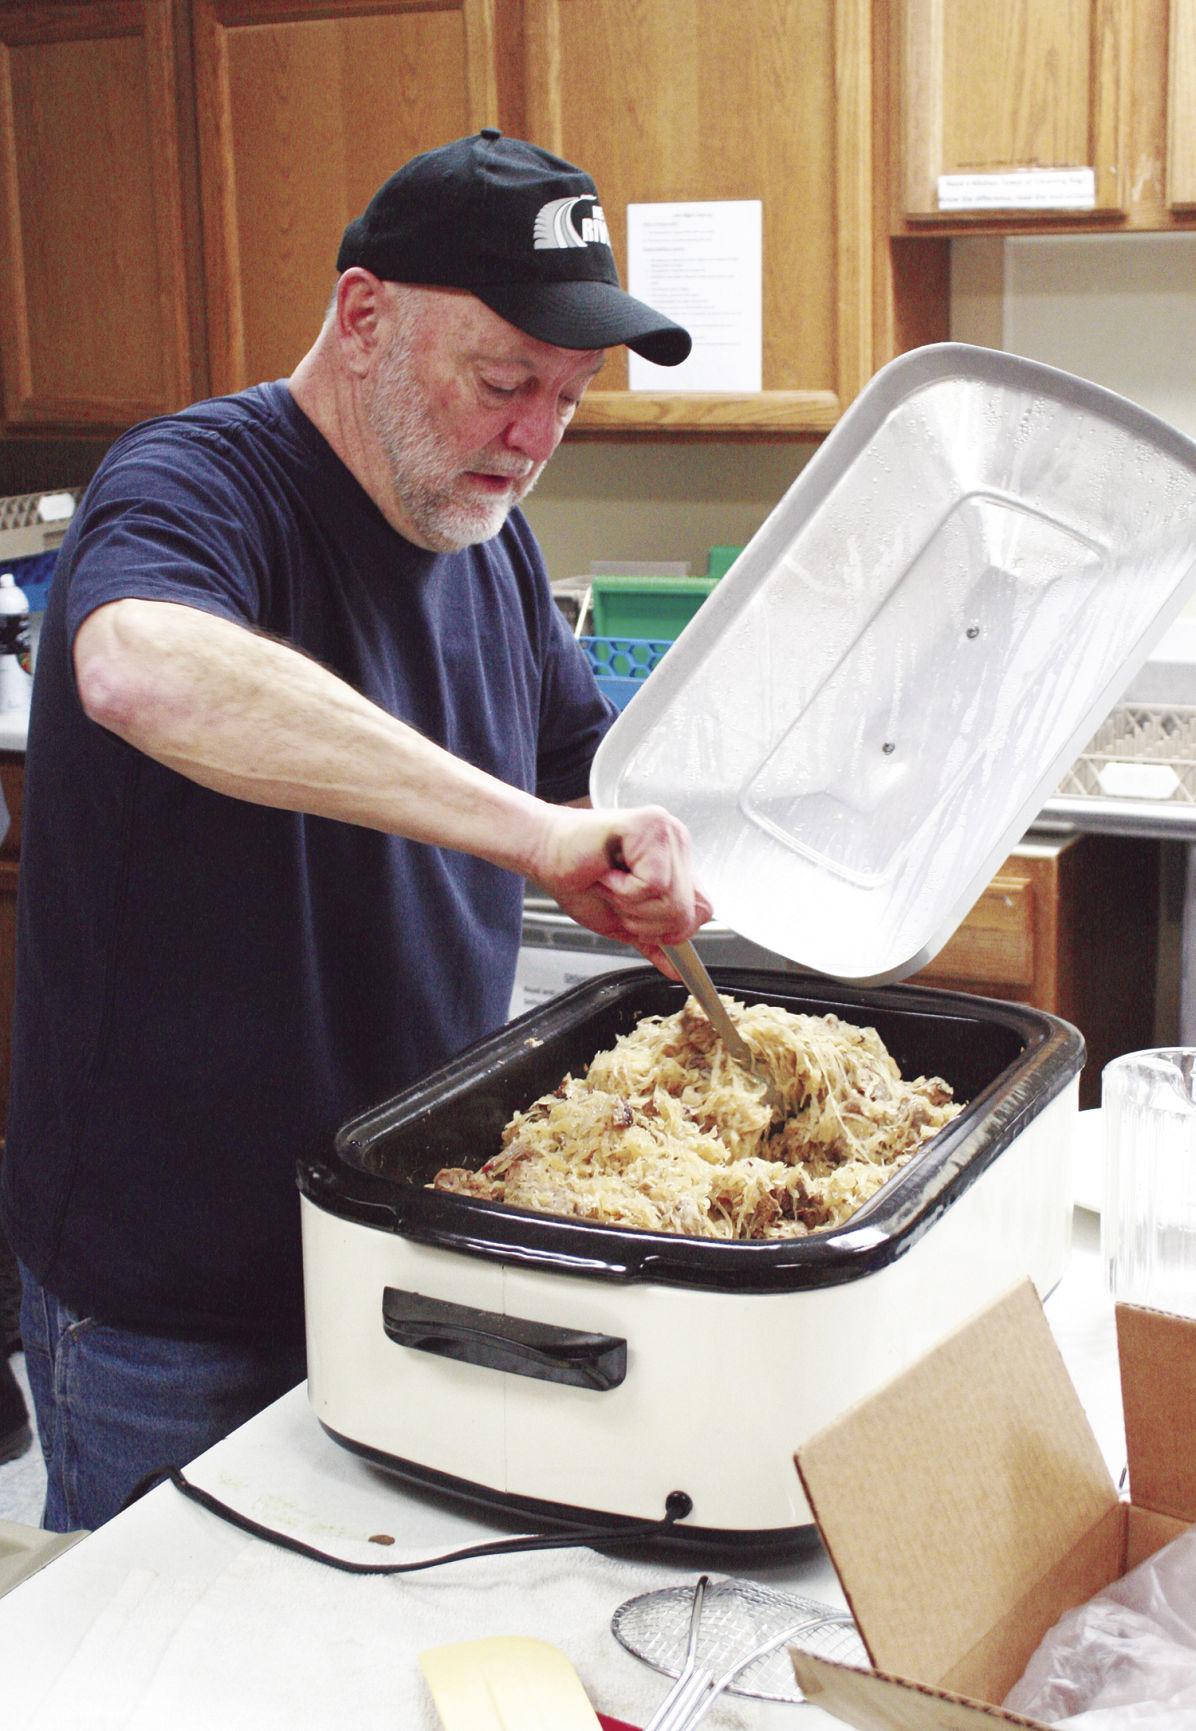 Stirring the sauerkraut